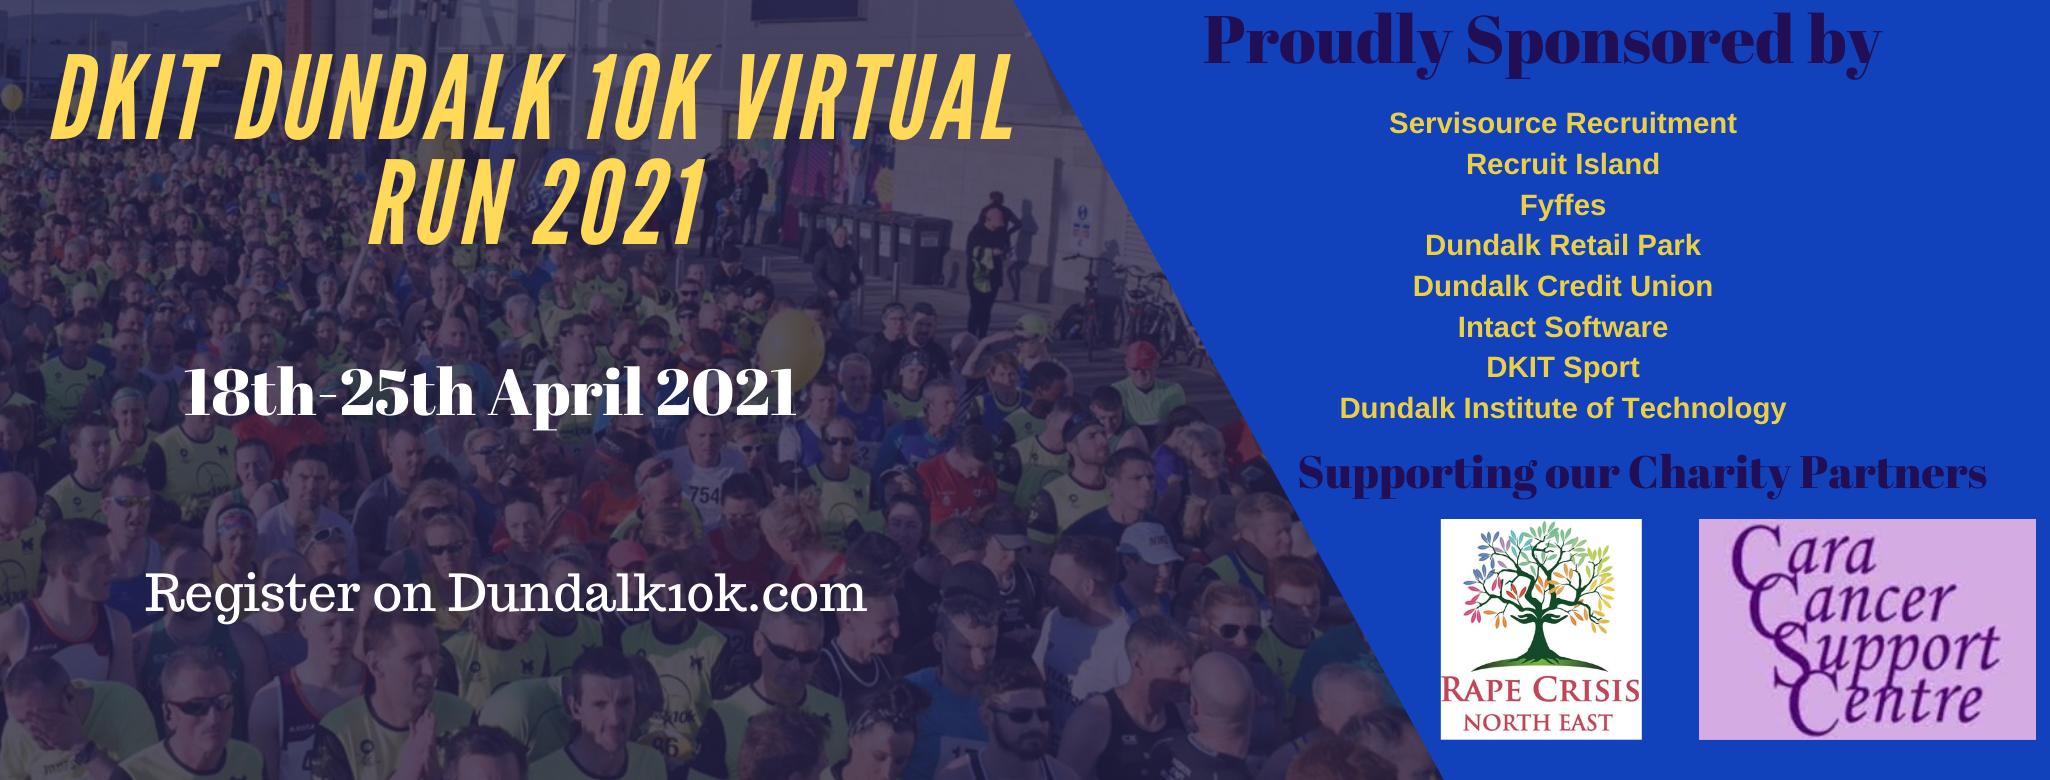 DkIT Dundalk 10k 2021  Logo